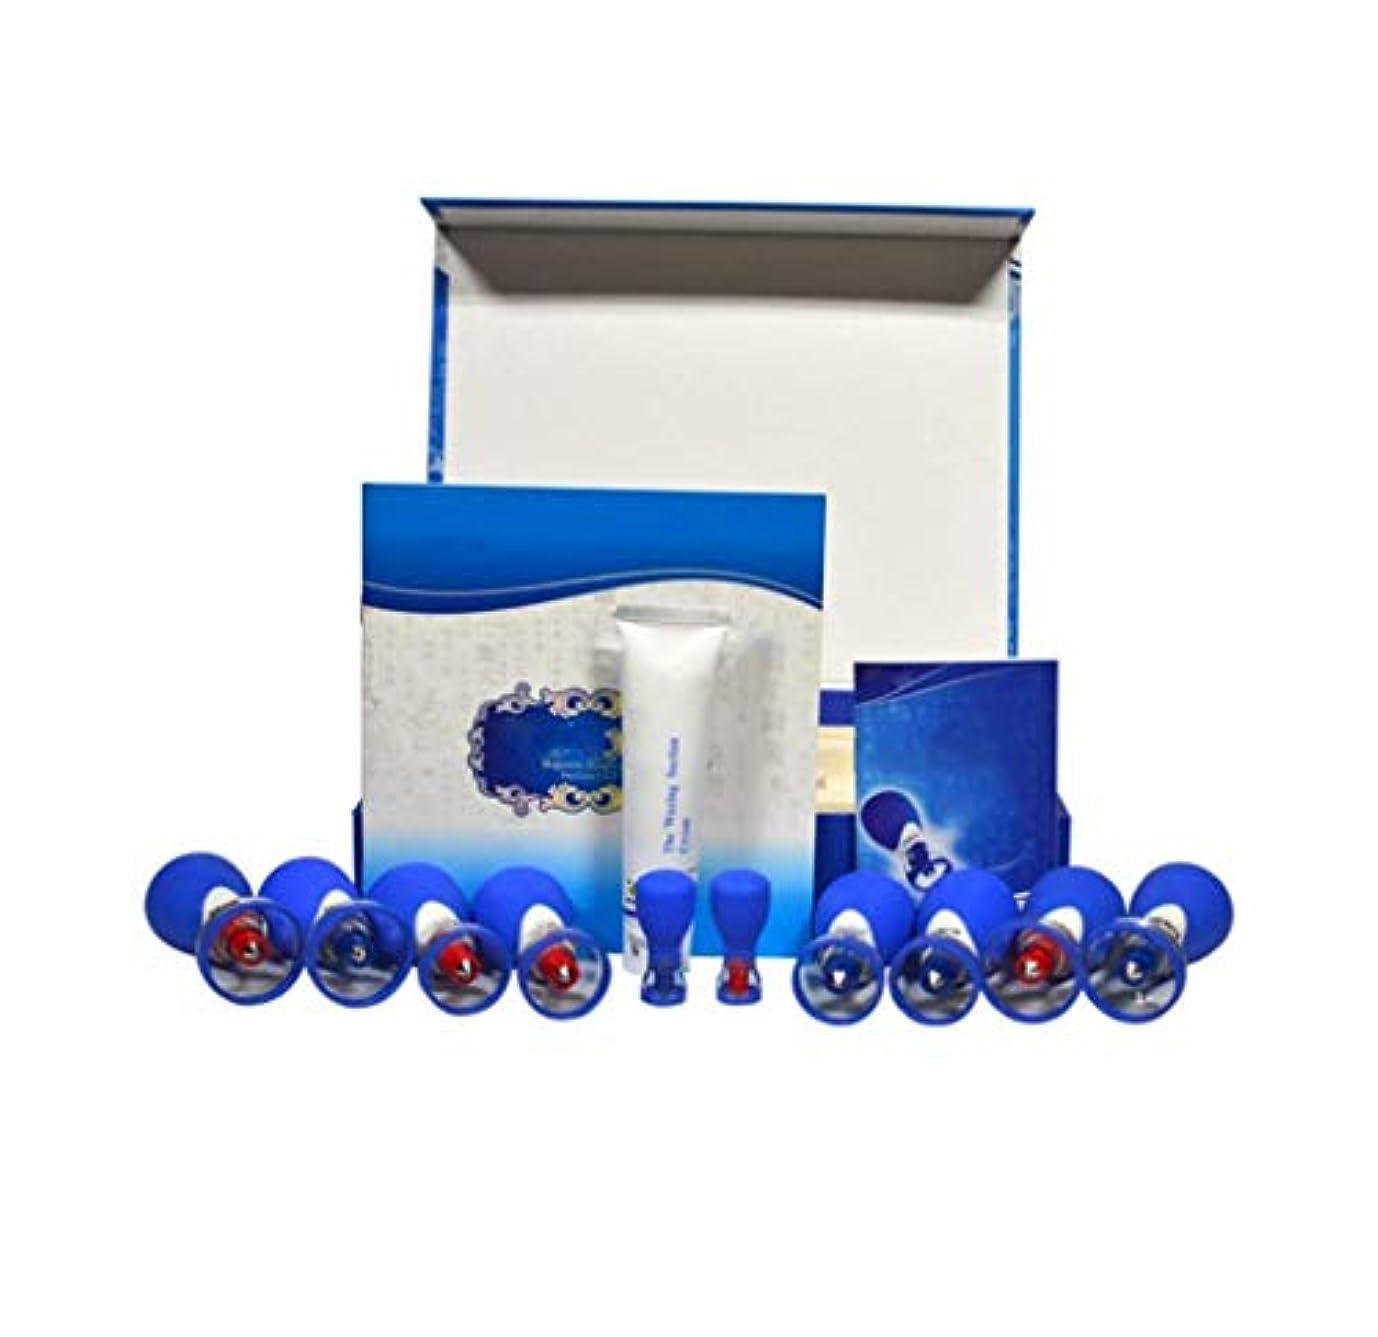 誘導特徴ブロンズ磁気カッピング、10カップ磁気指圧吸引カッピングセット、マッサージ筋肉関節痛の軽減